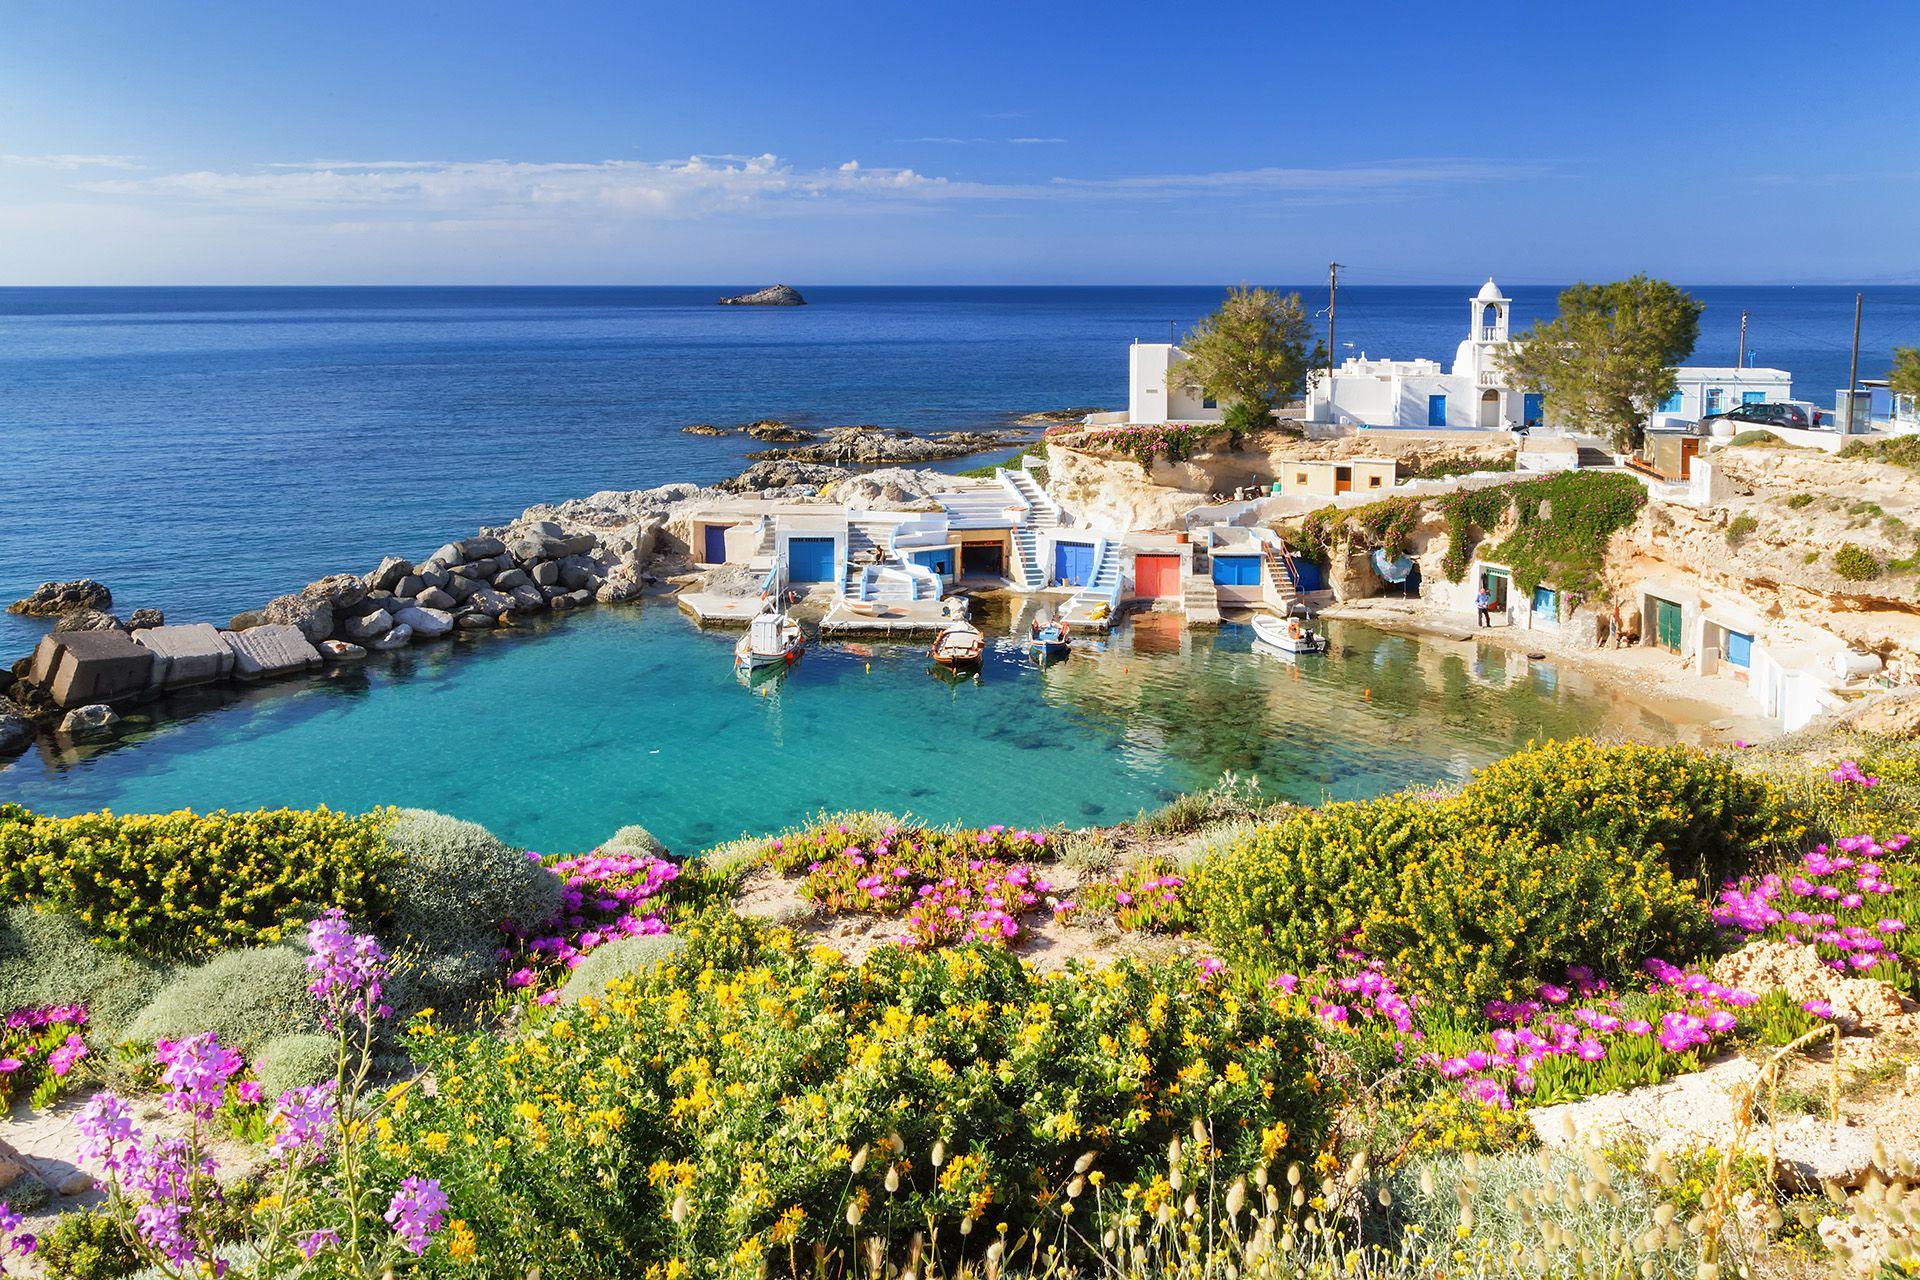 Mandrakia, Milos island, Greece.